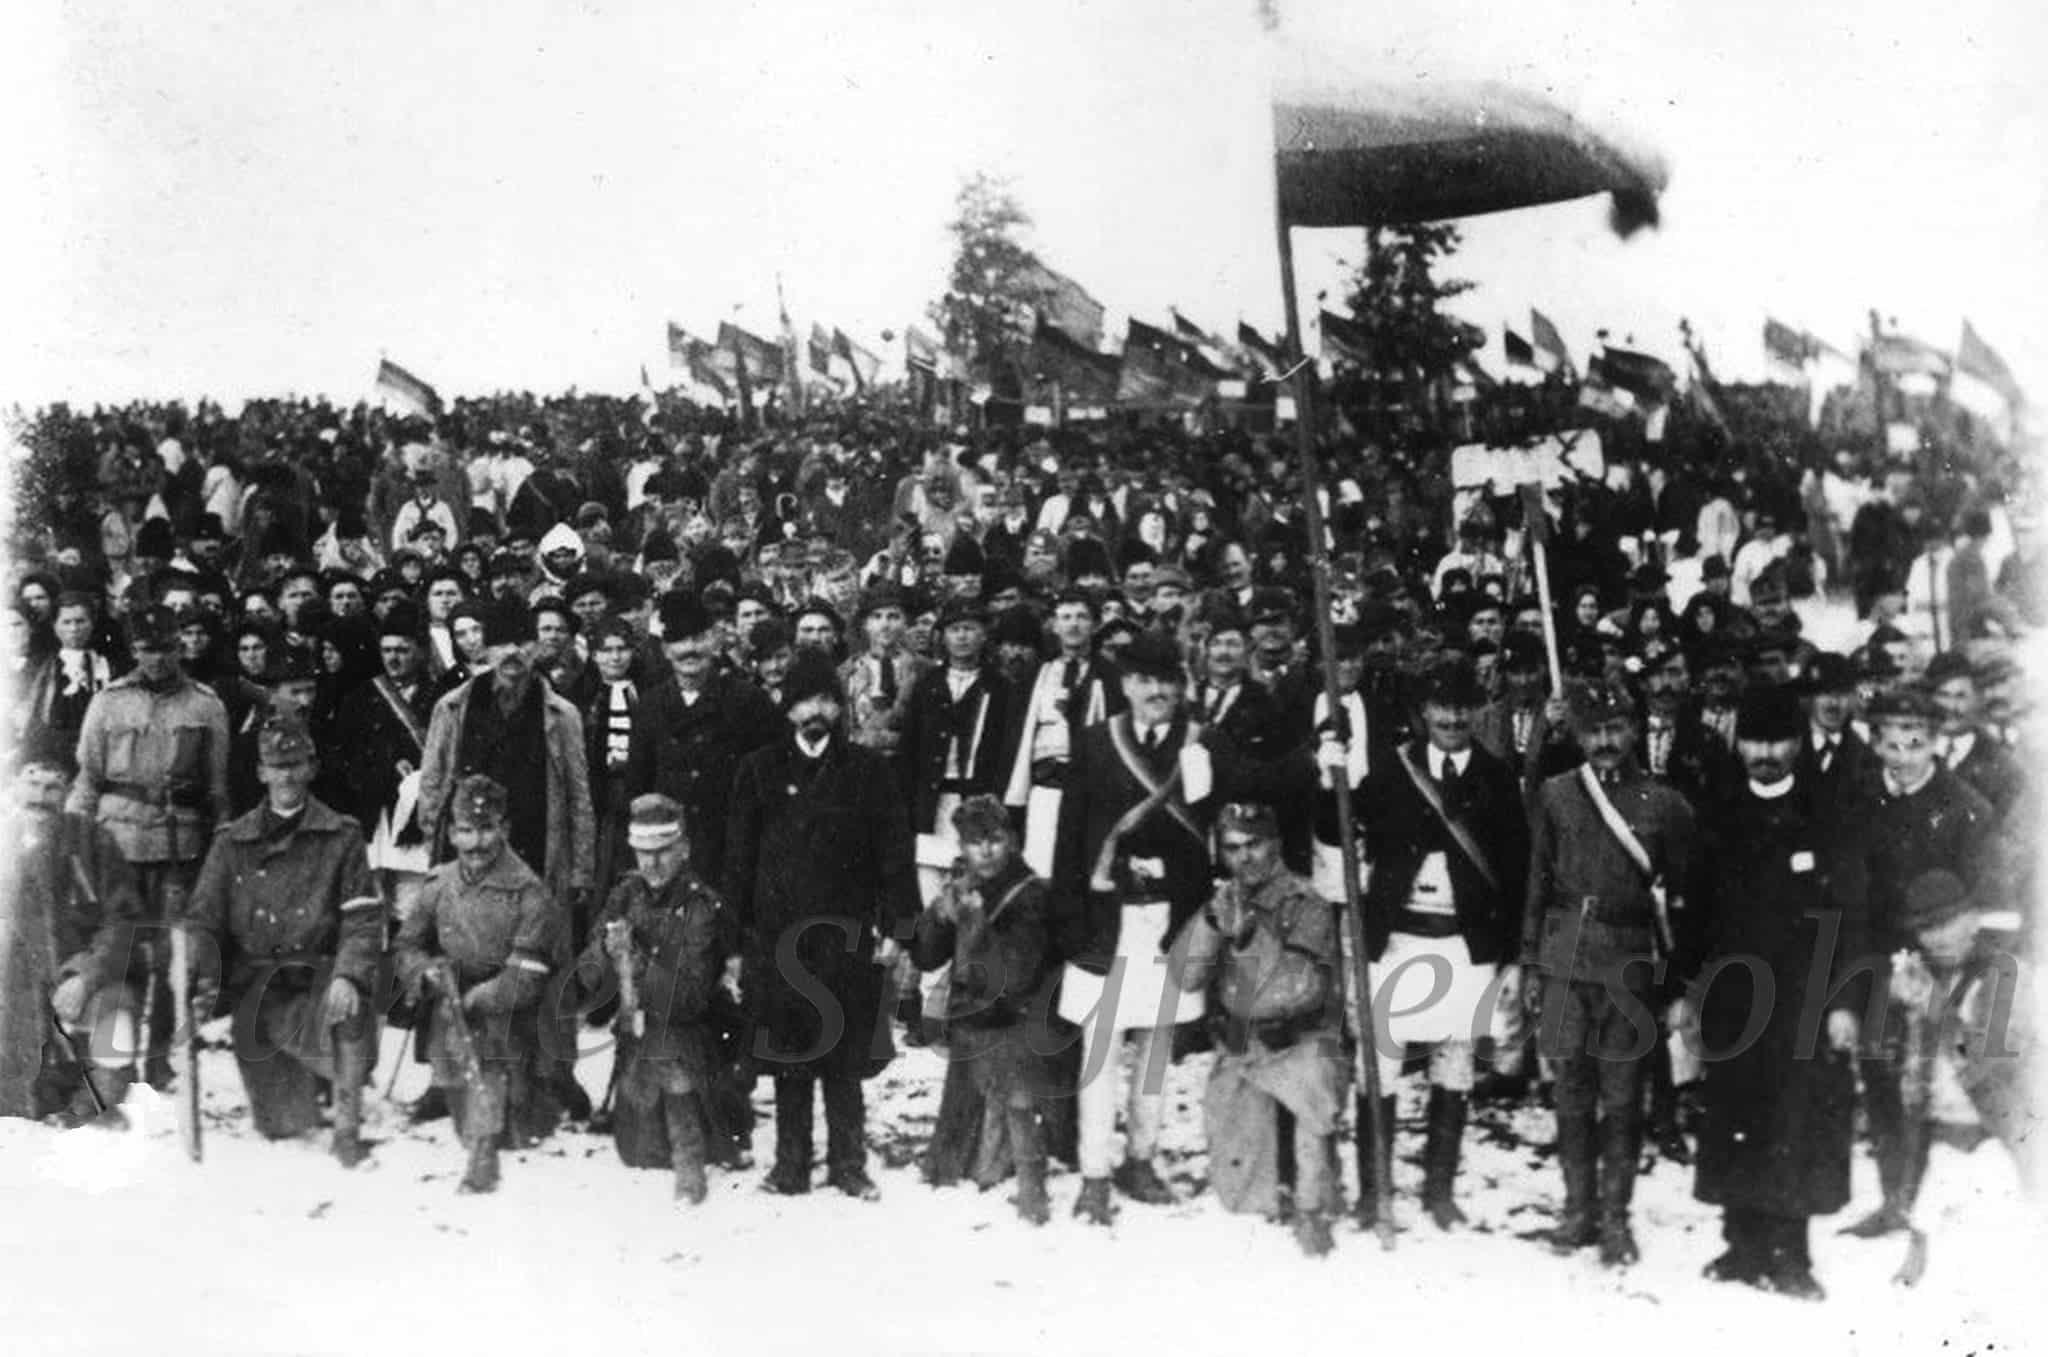 """1 Decembrie 1918. Ei nu au putut fi ținuți în case de dușmanii poporului român sub pretext de gripă spaniolă sau tifos! """"Deja s-a mers prea departe, români! Trăiască 1 Decembrie, trăiască România Mare!"""" FOTOGRAFIILE MARII UNIRI realizate de Samoilă Mârza"""